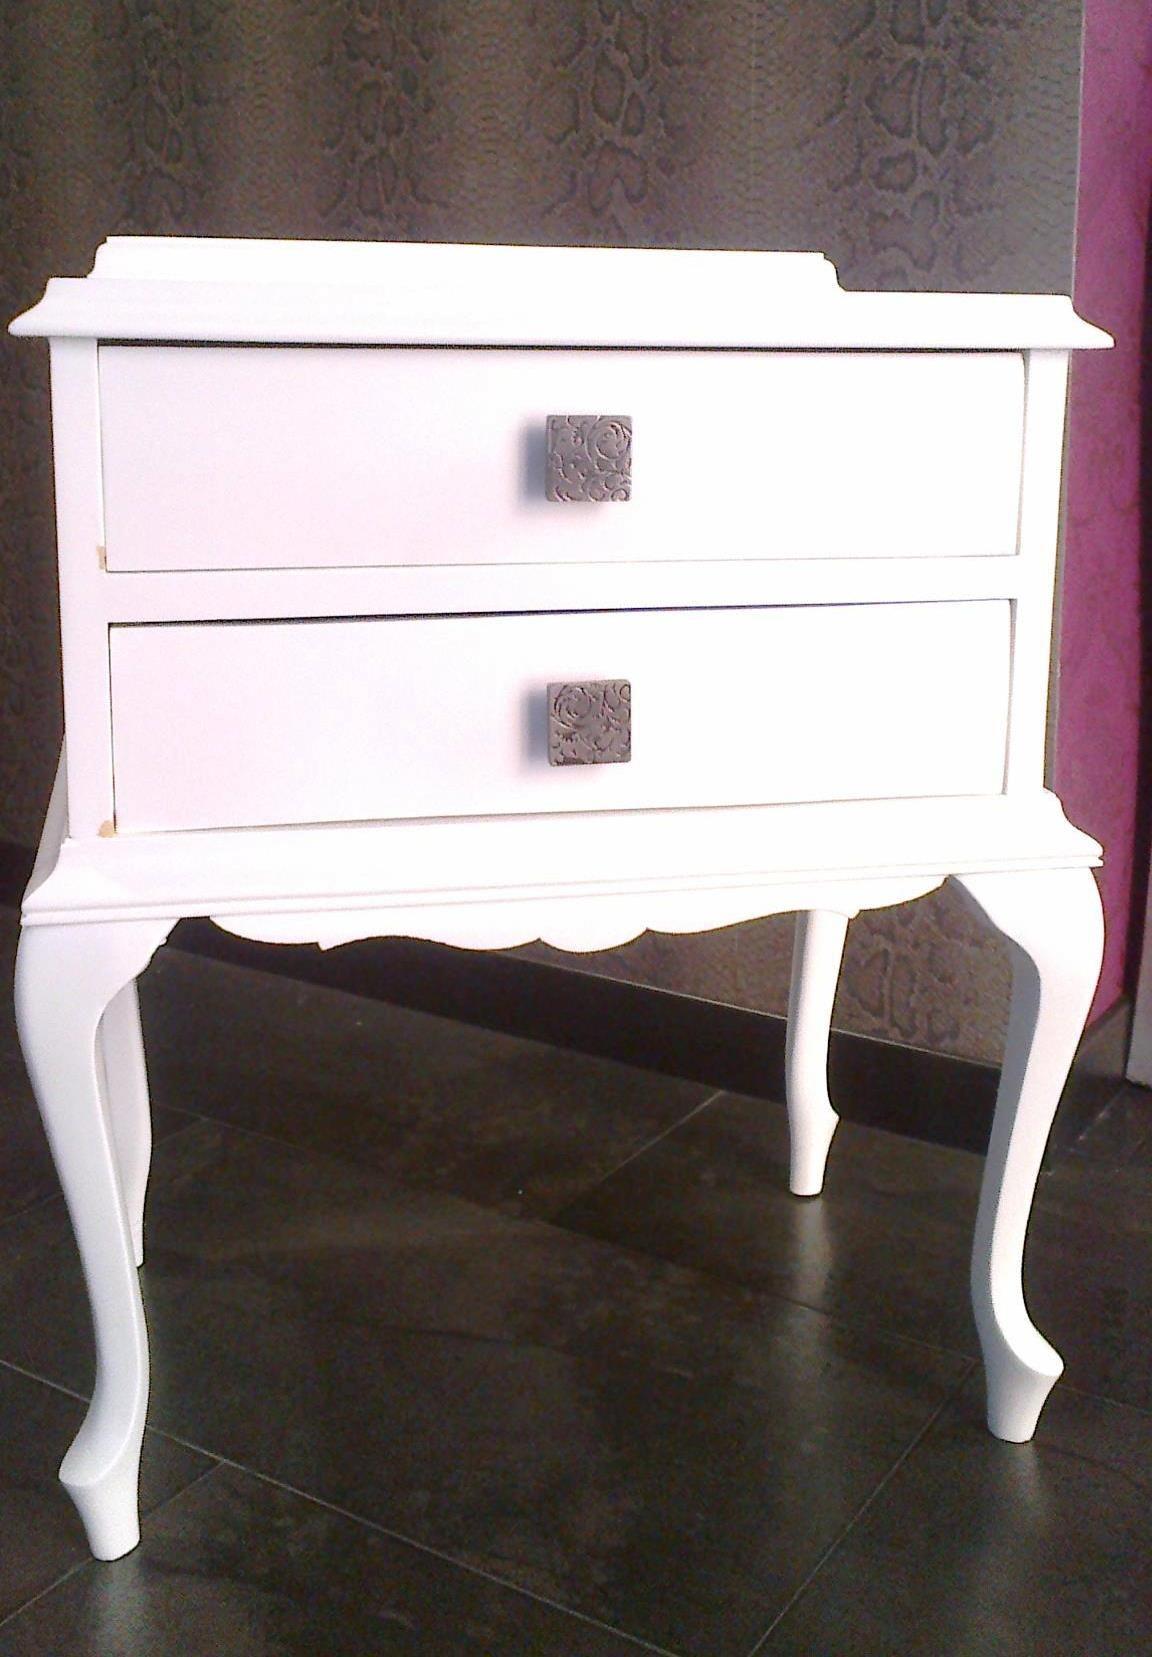 Mesita de noche antigua restaurada estilo vintage | Muebles ...